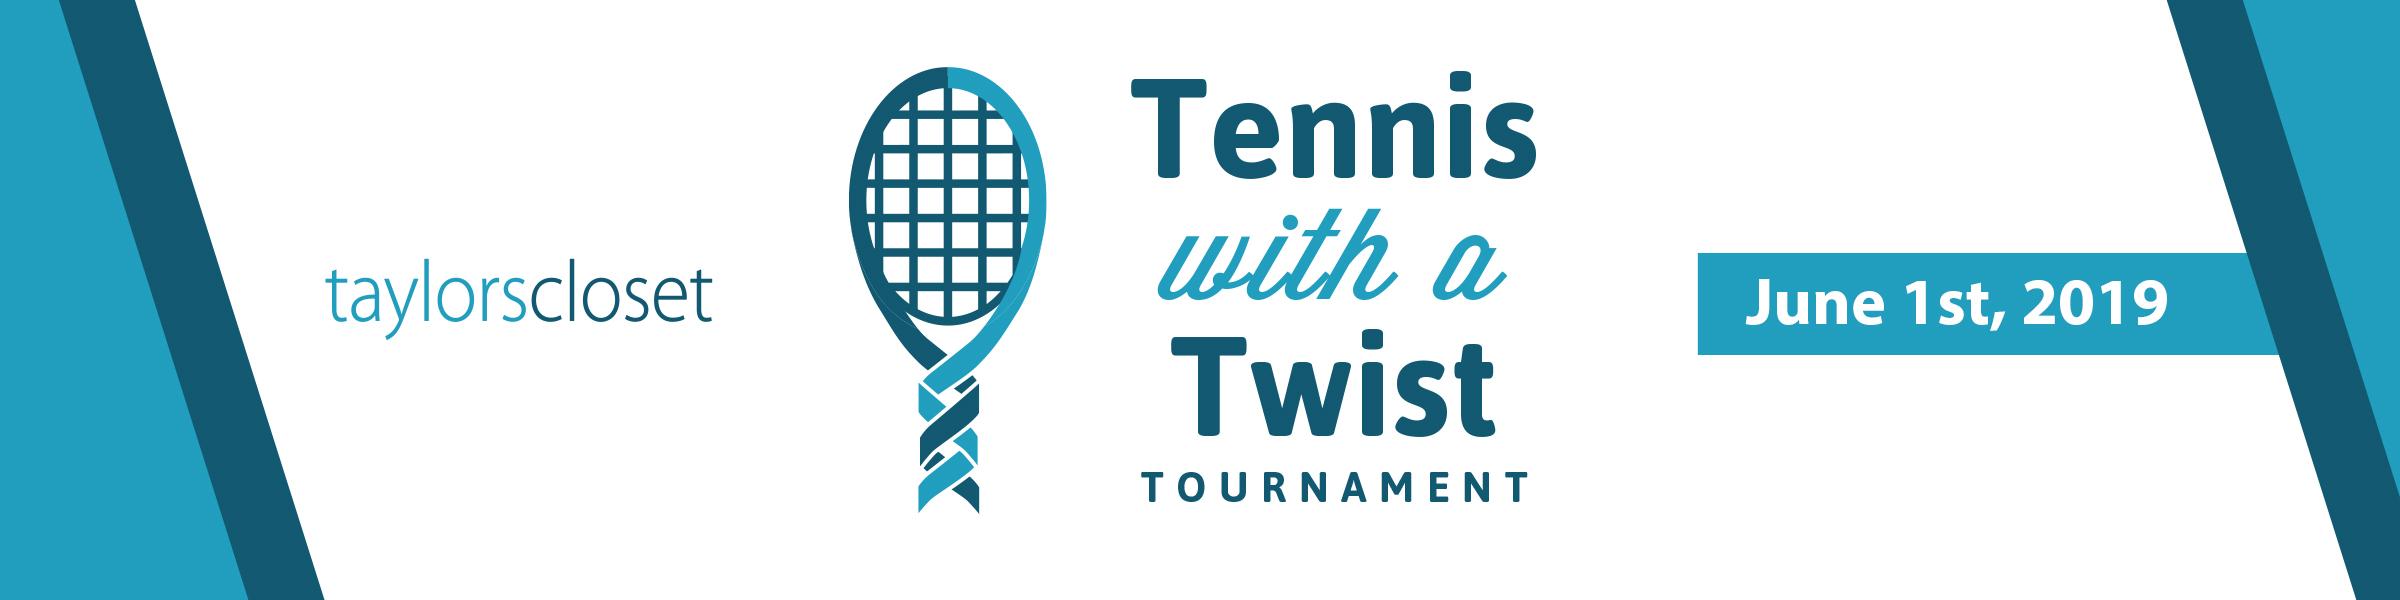 TennisTwistTournament-banner.jpg